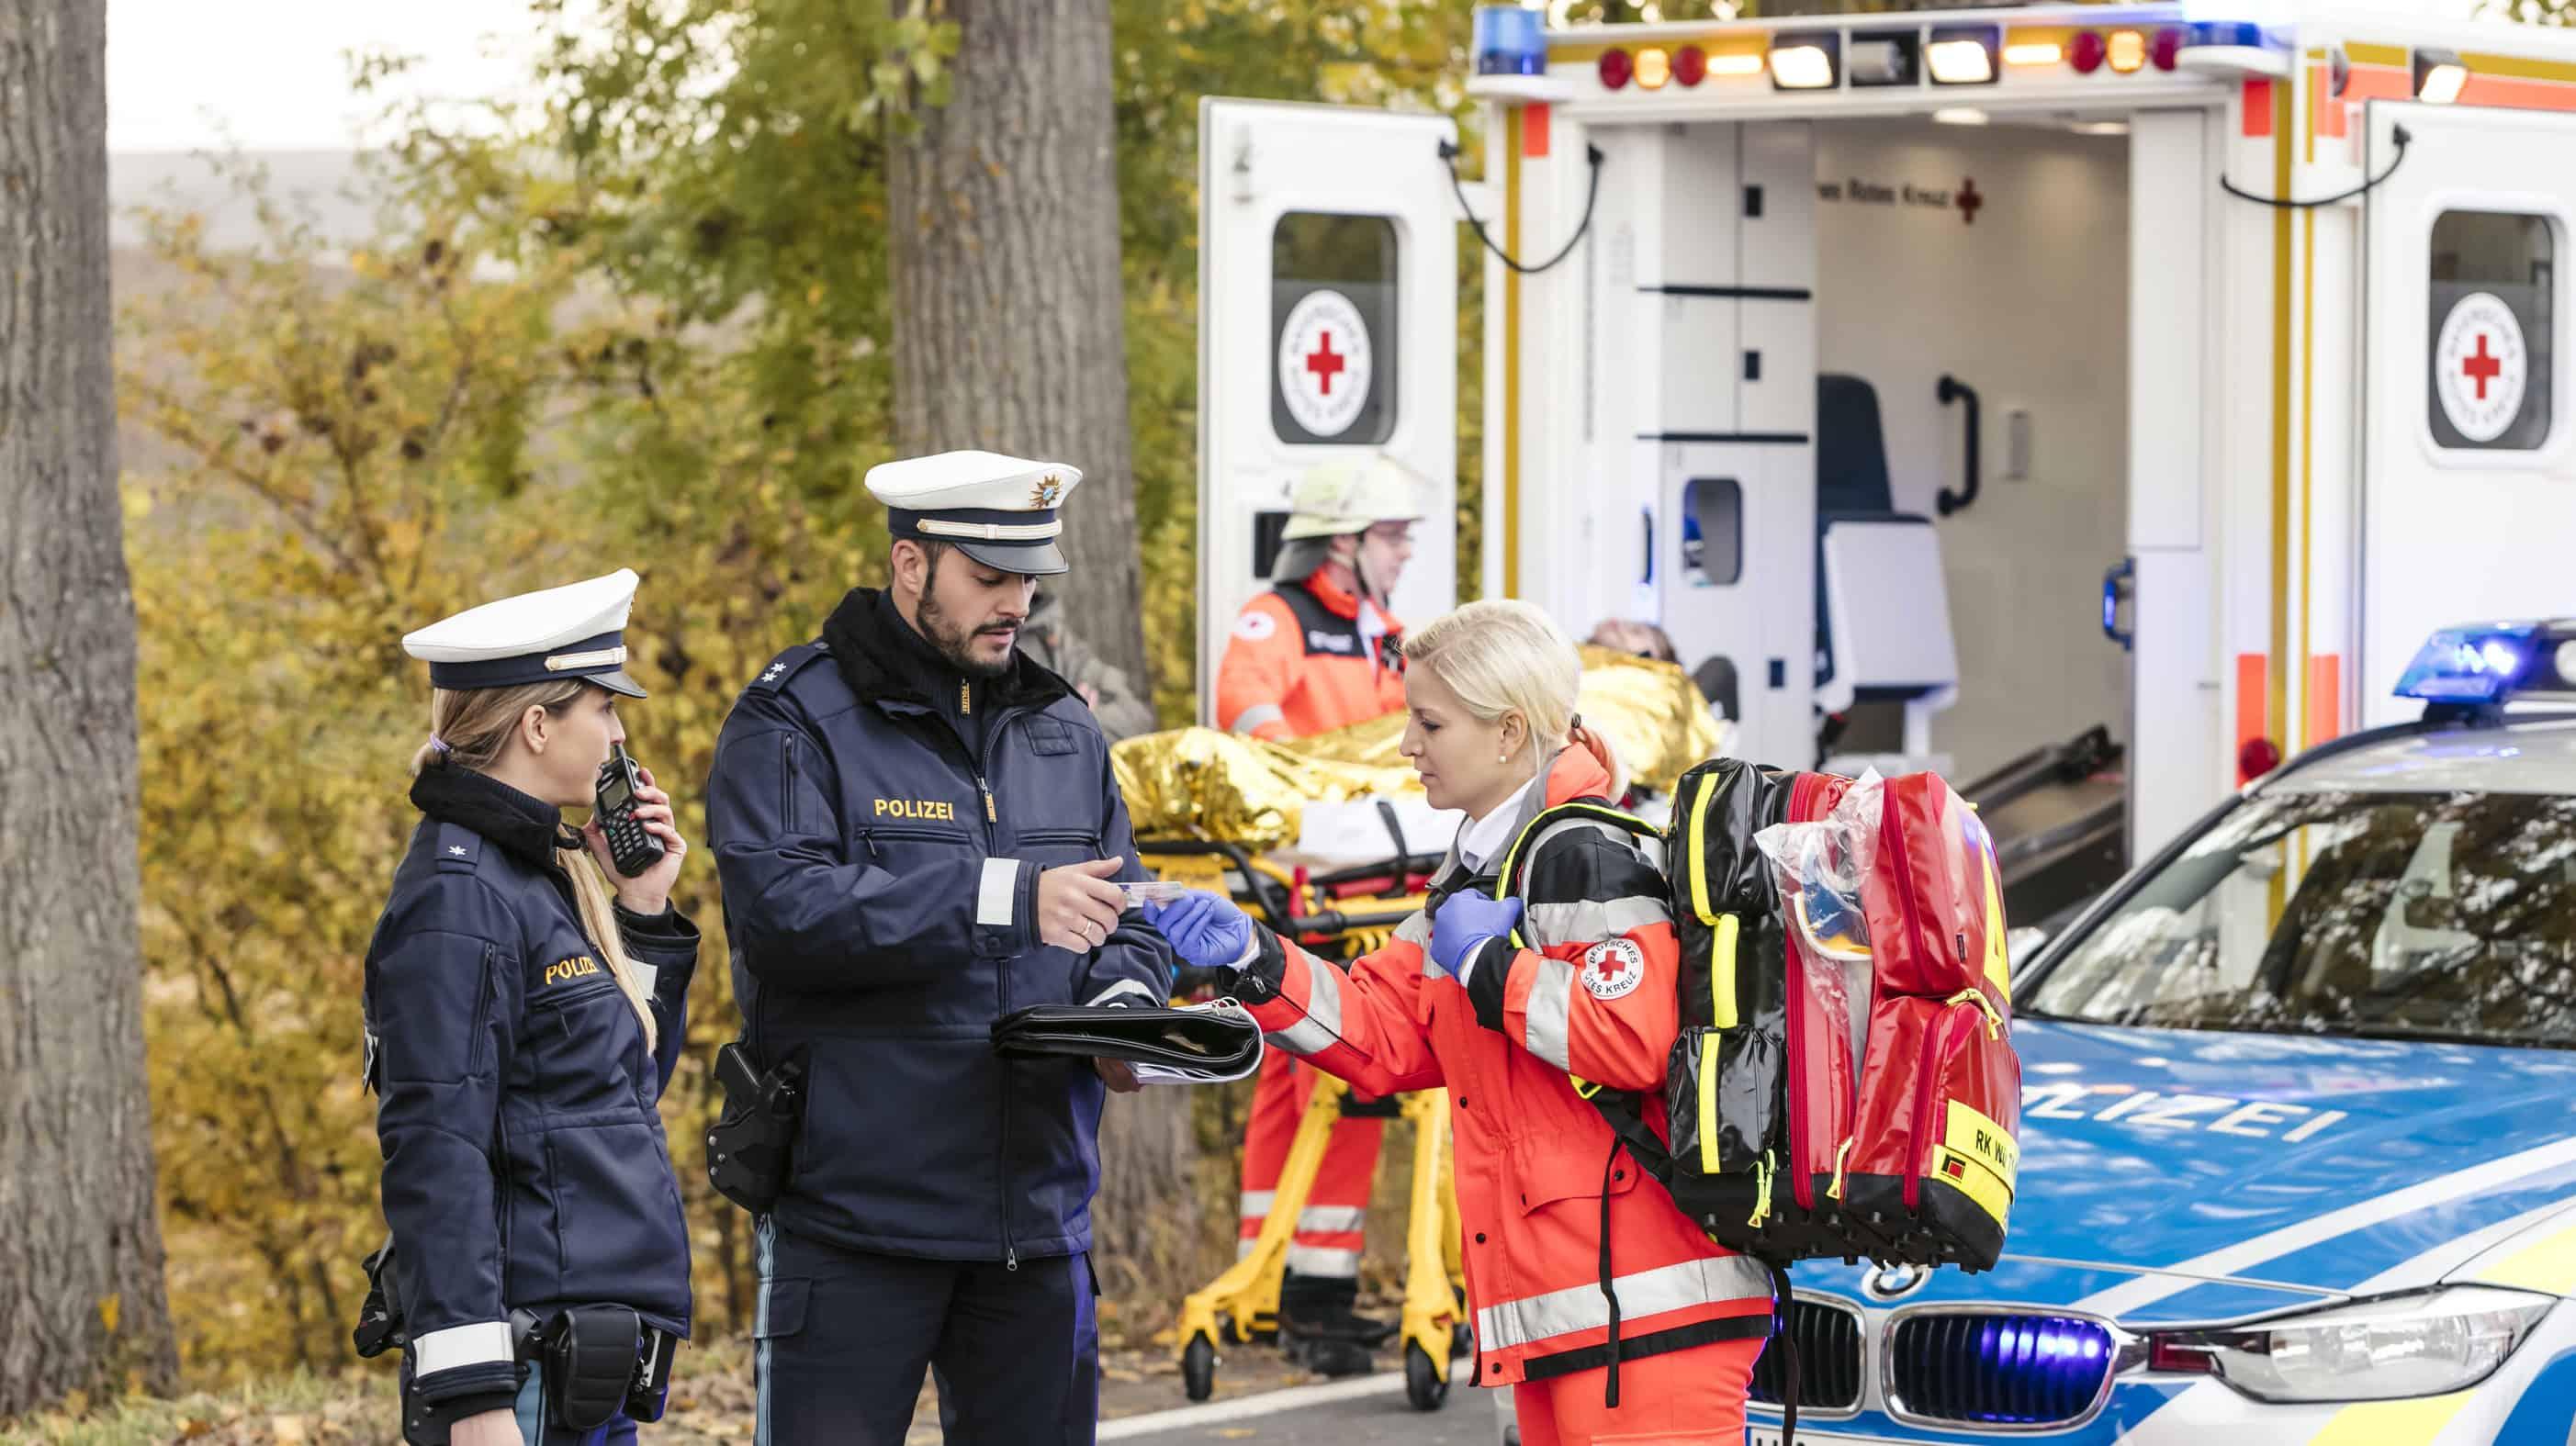 Tritte und Schläge gegen Polizei, Feuerwehr und Rerttungsdienst leider Normalität